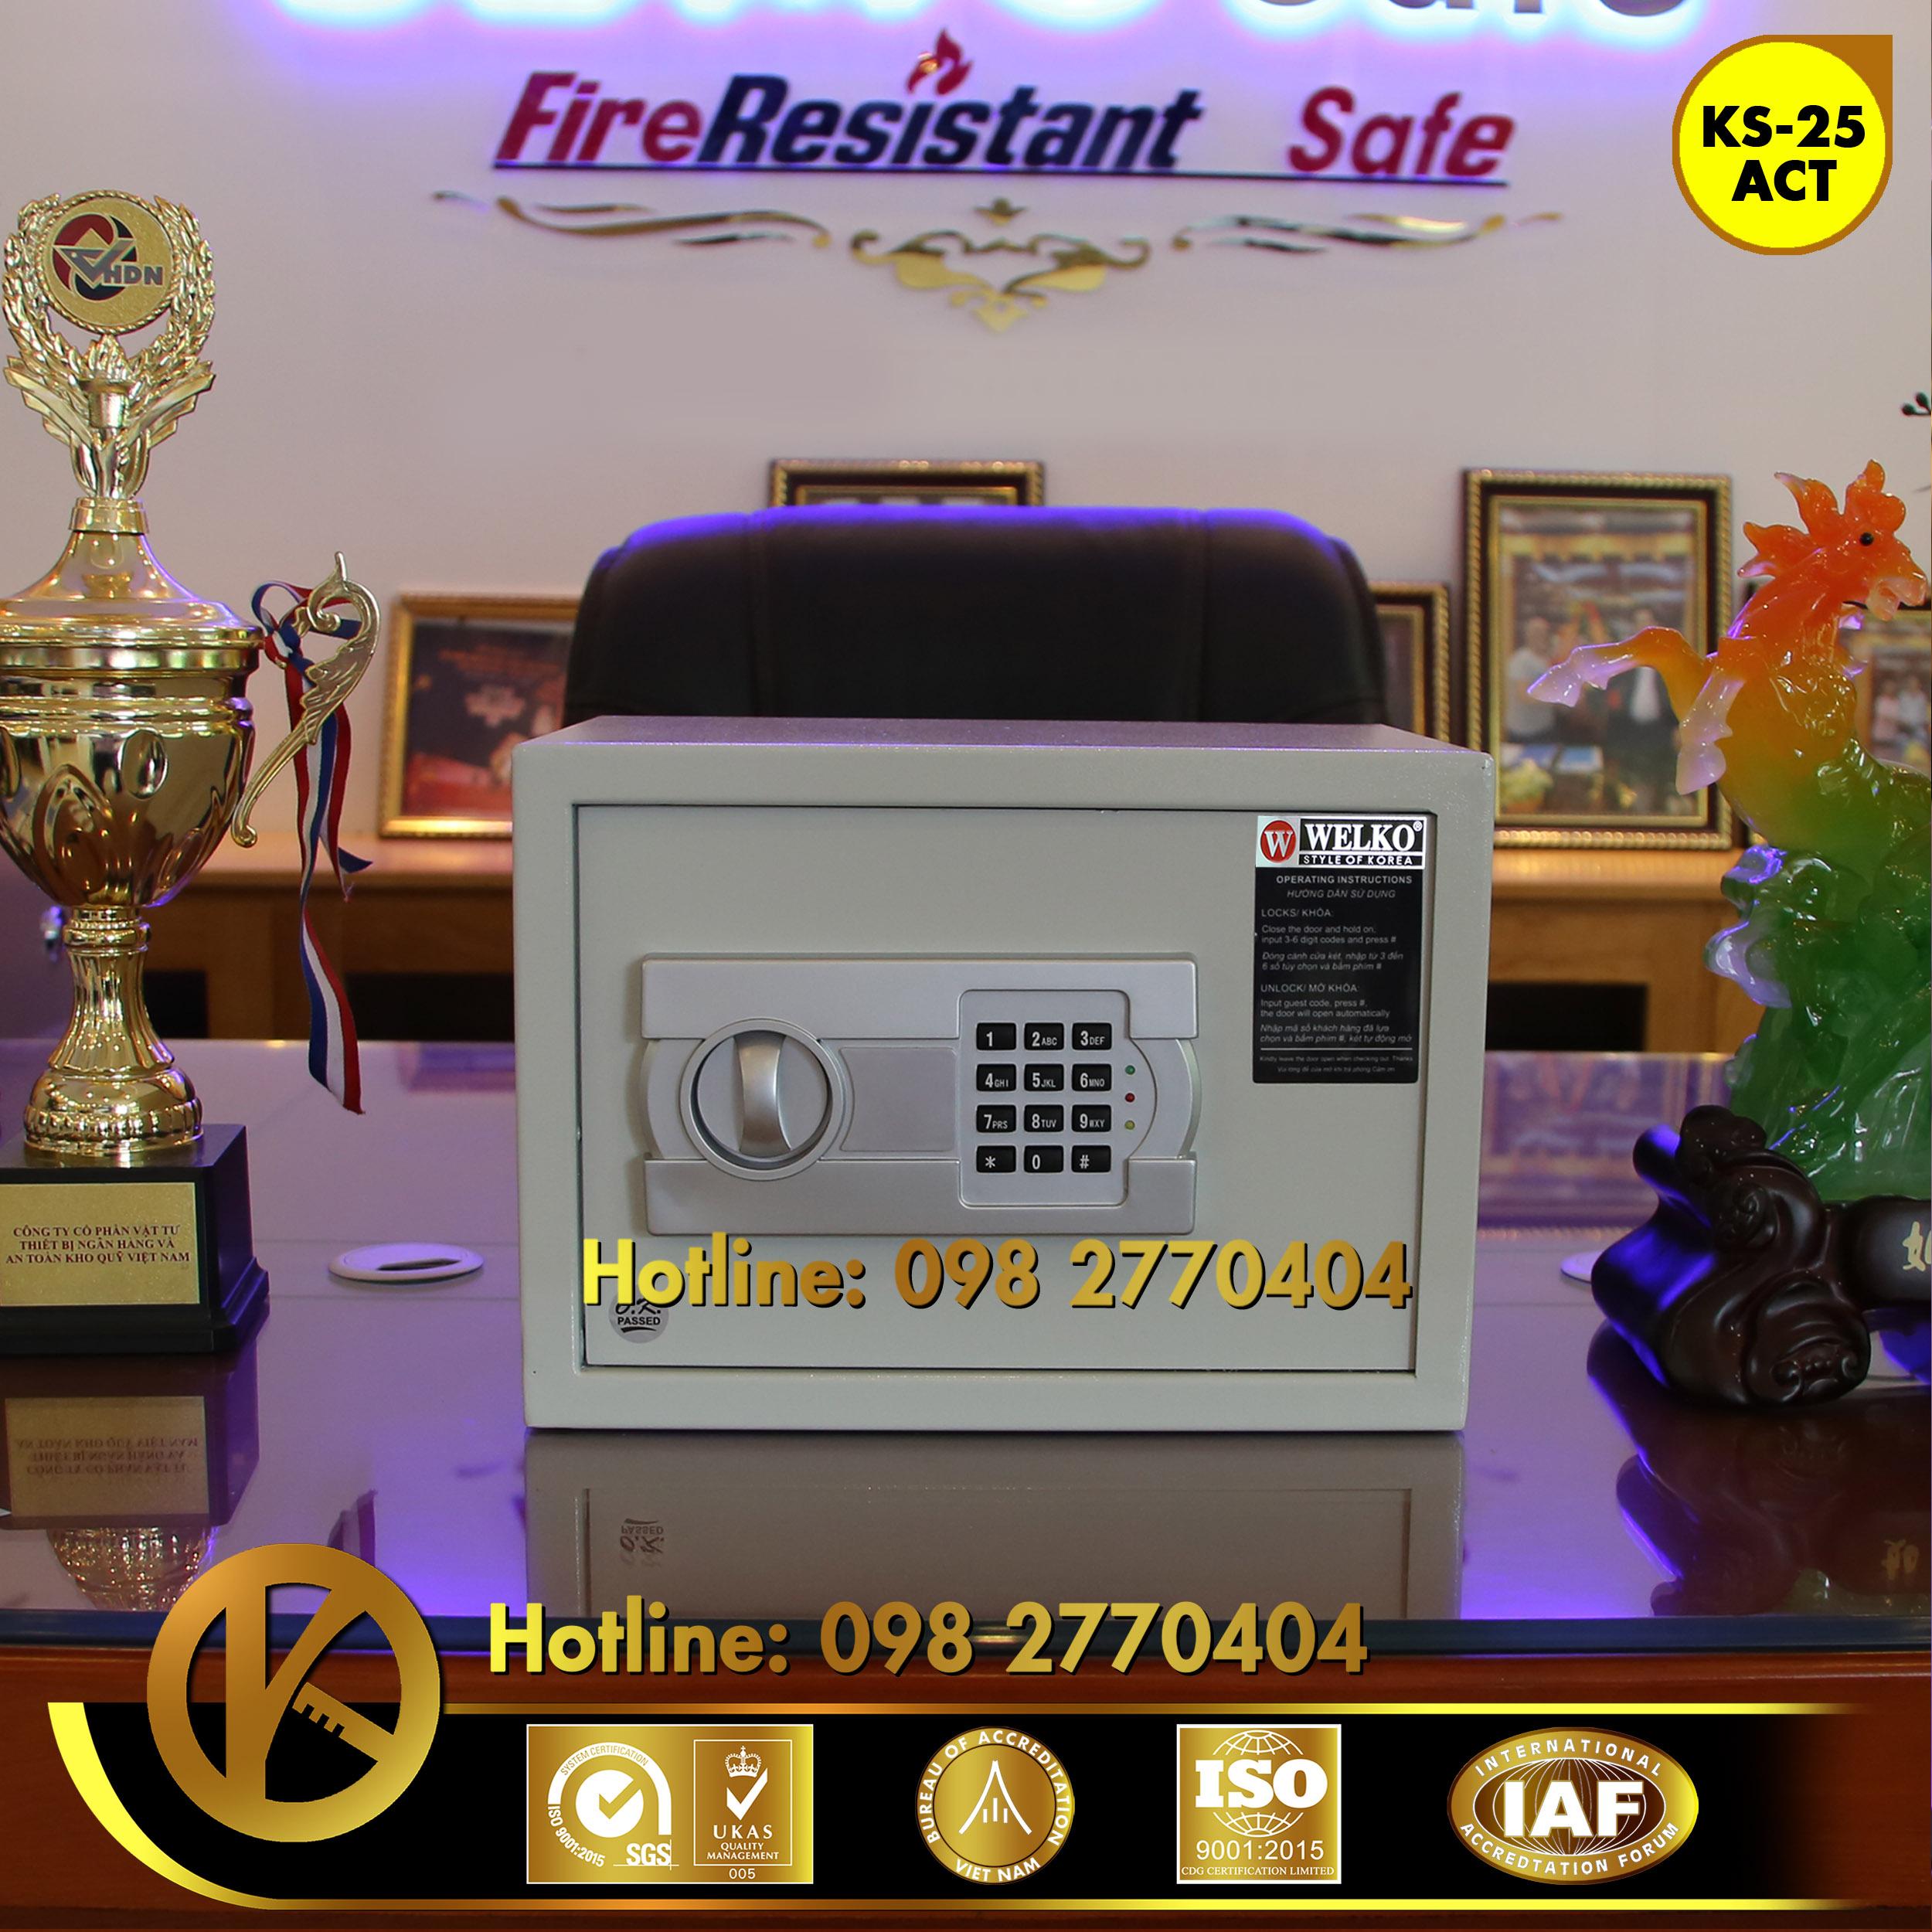 nhà cung cấp két sắt khách sạn WELKO Hotel Safe Phan Thiết